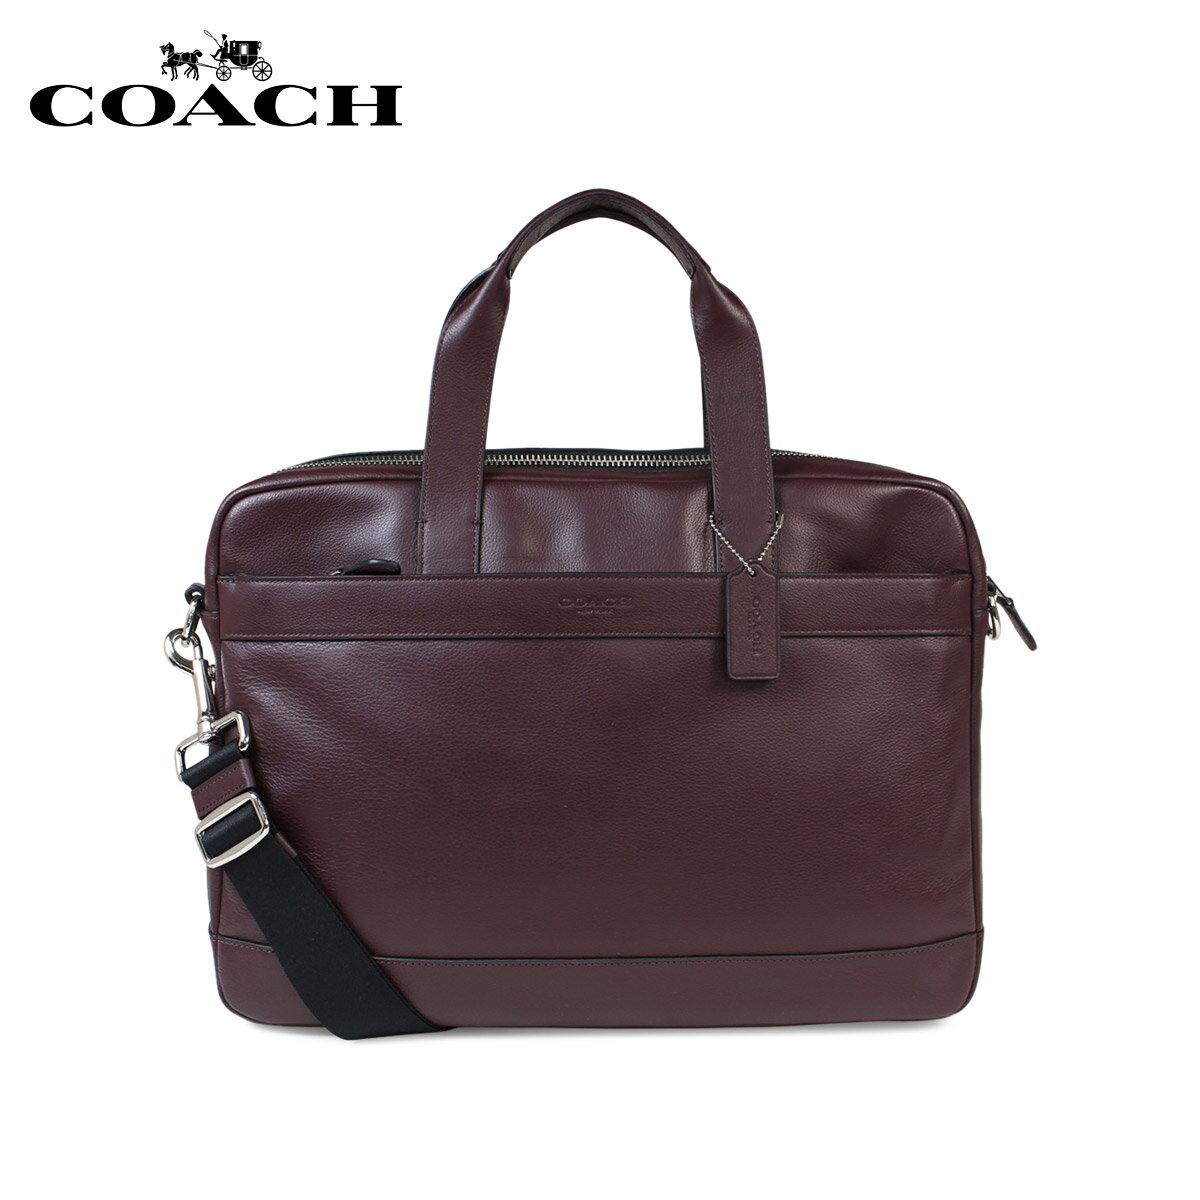 【訳あり】COACH コーチ バッグ ビジネス メンズ ブリーフケース レザー F54801 オックスブラッド レッド